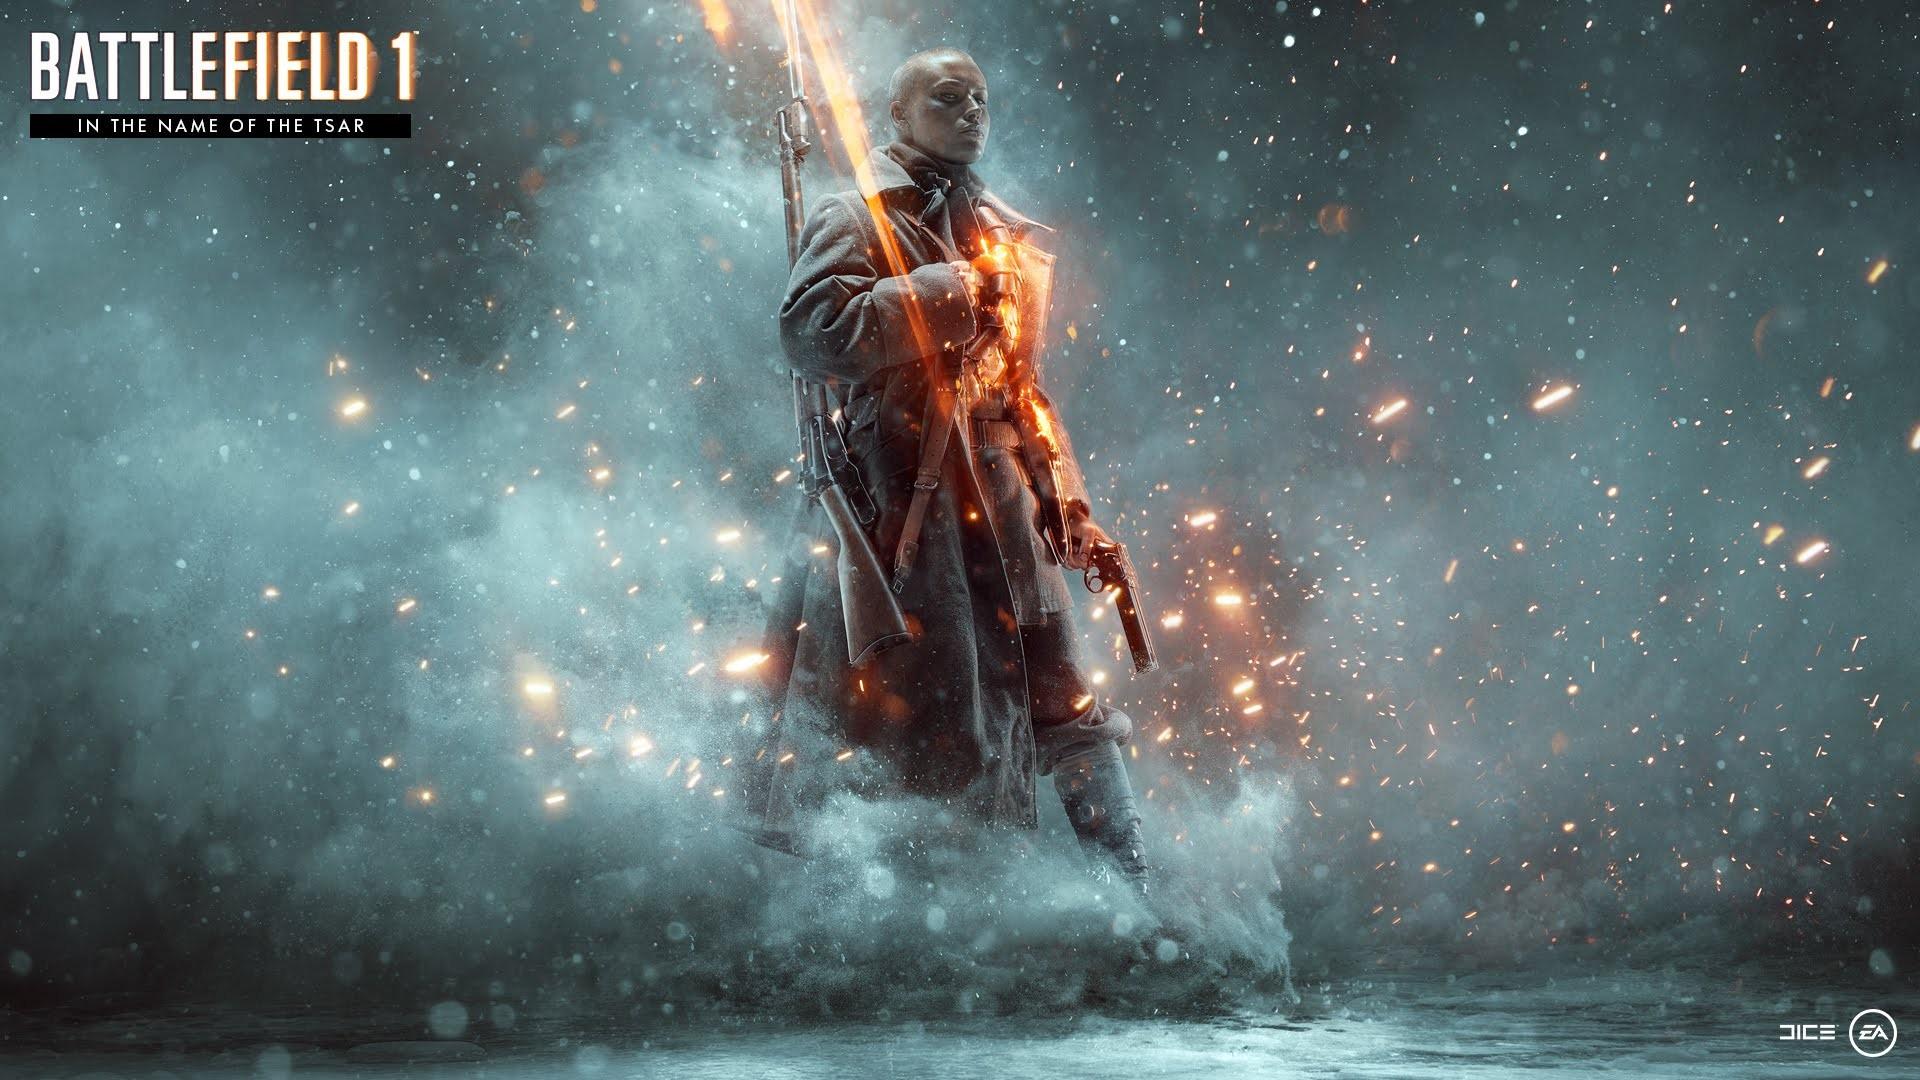 Battlefield 1: «Во имя царя». Официальный тизер-трейлер